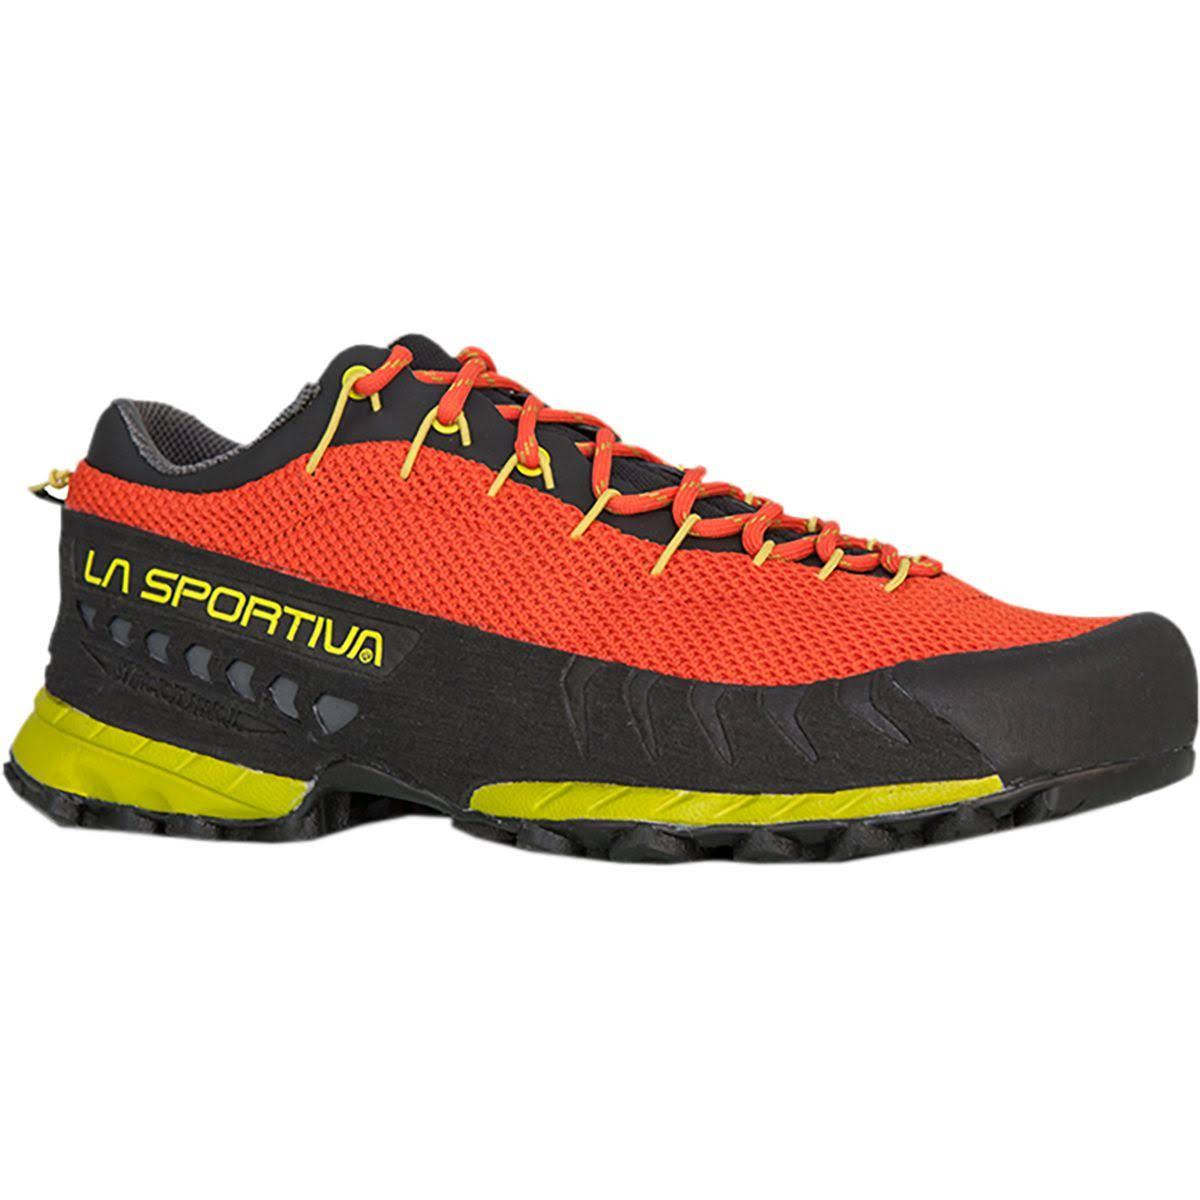 La Orange 41 Approach Men's 3 Tx Eu Sportiva Shoes FxwgqS16